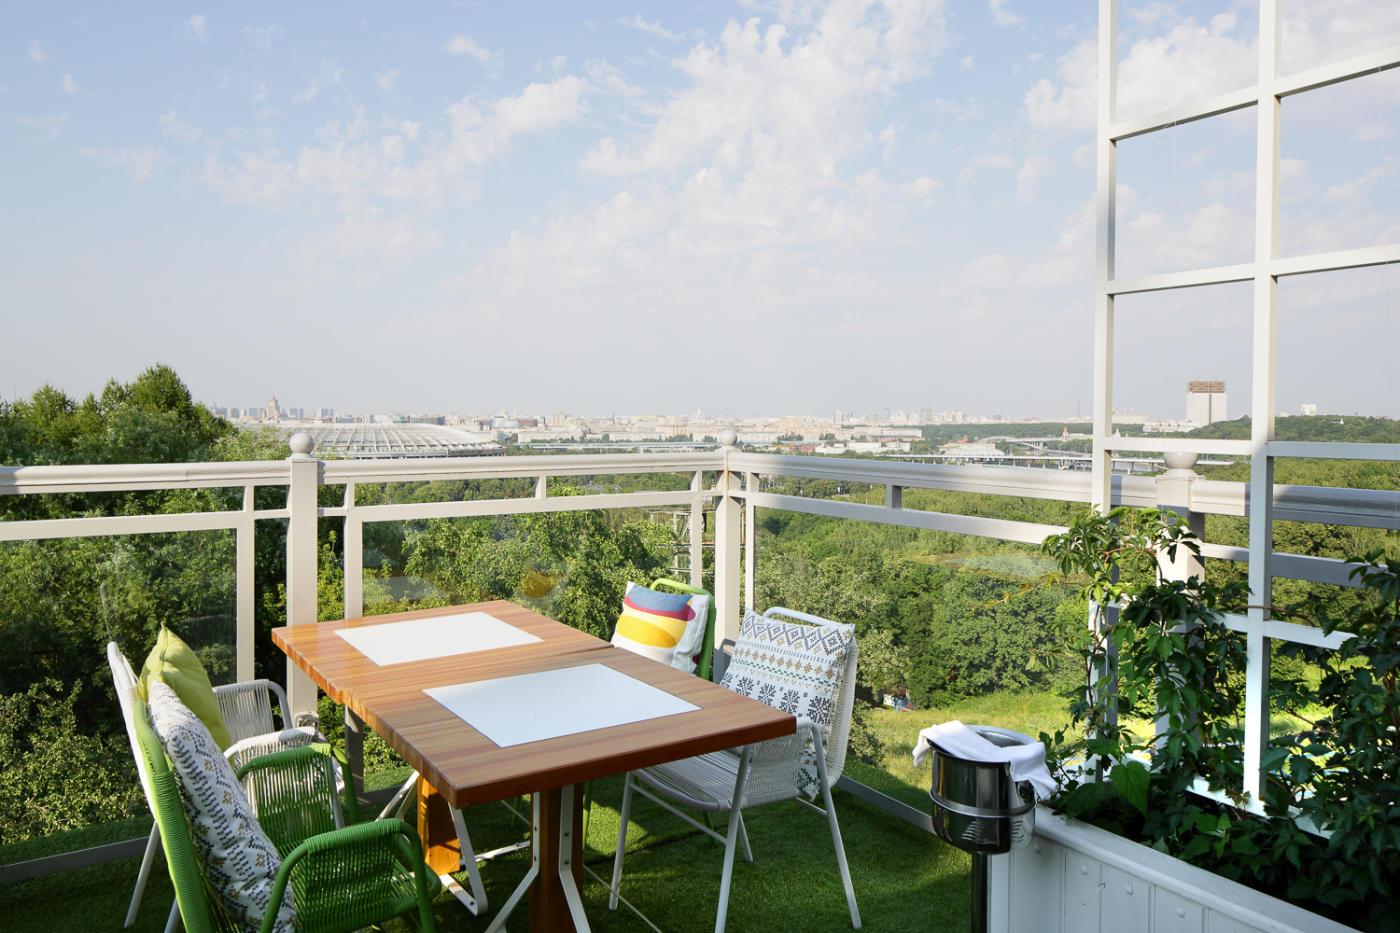 Панорамный Ресторан Трамплин на Воробьевых Горах фото 38